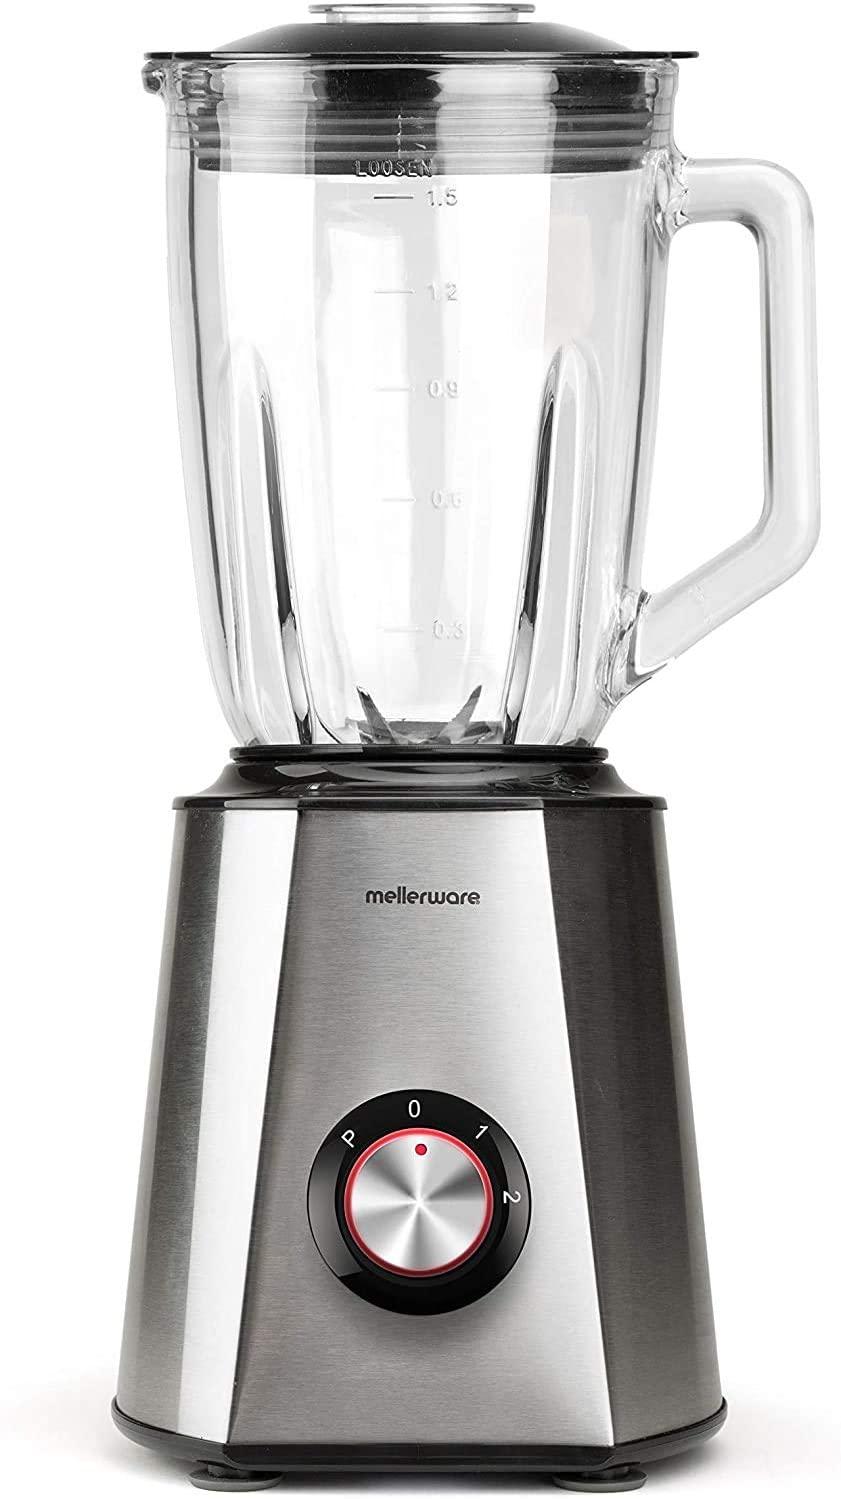 Mellerware | Batidora de vaso 1300W Potencia | Acero Inoxidable | Jarra cristal 1,5L | 2 velocidades + TURBO | 6 cuchillas de acero inoxidable | Pica hielo (Mixy)